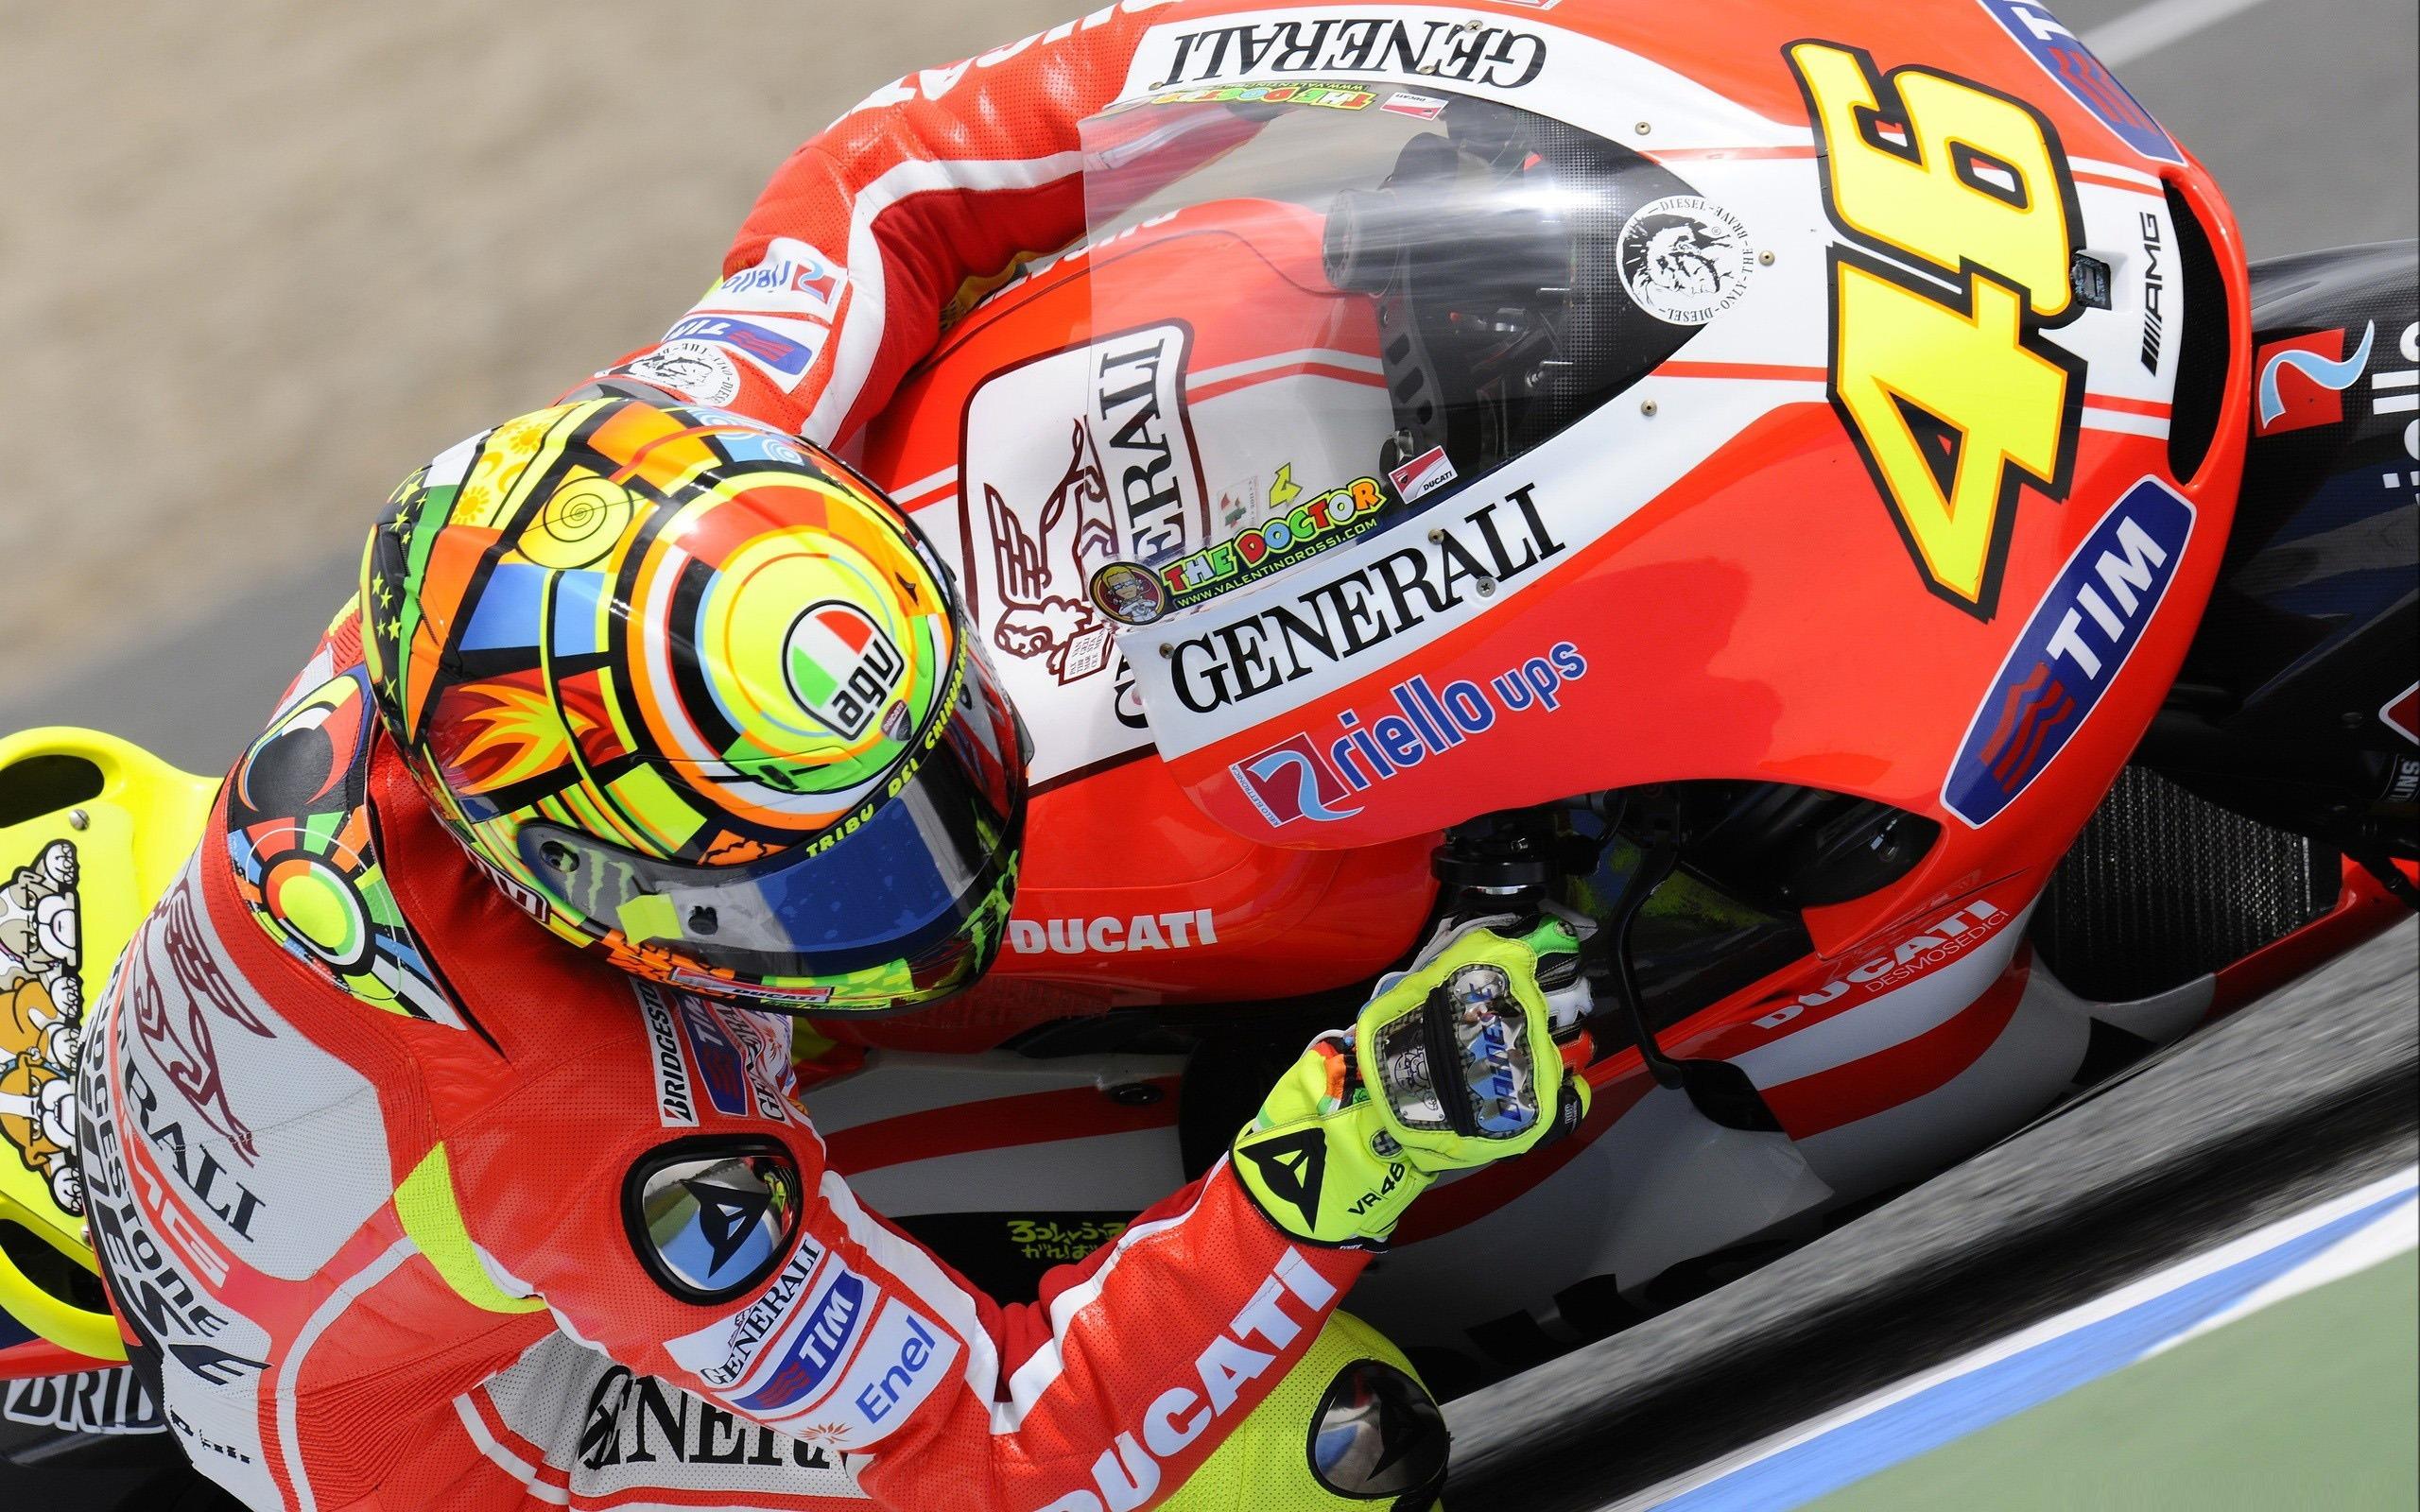 バレンティーノロッシドゥカティバイクmotogp世界選手権 オートバイレースのデスクトップの壁紙プレビュー 10wallpaper Com